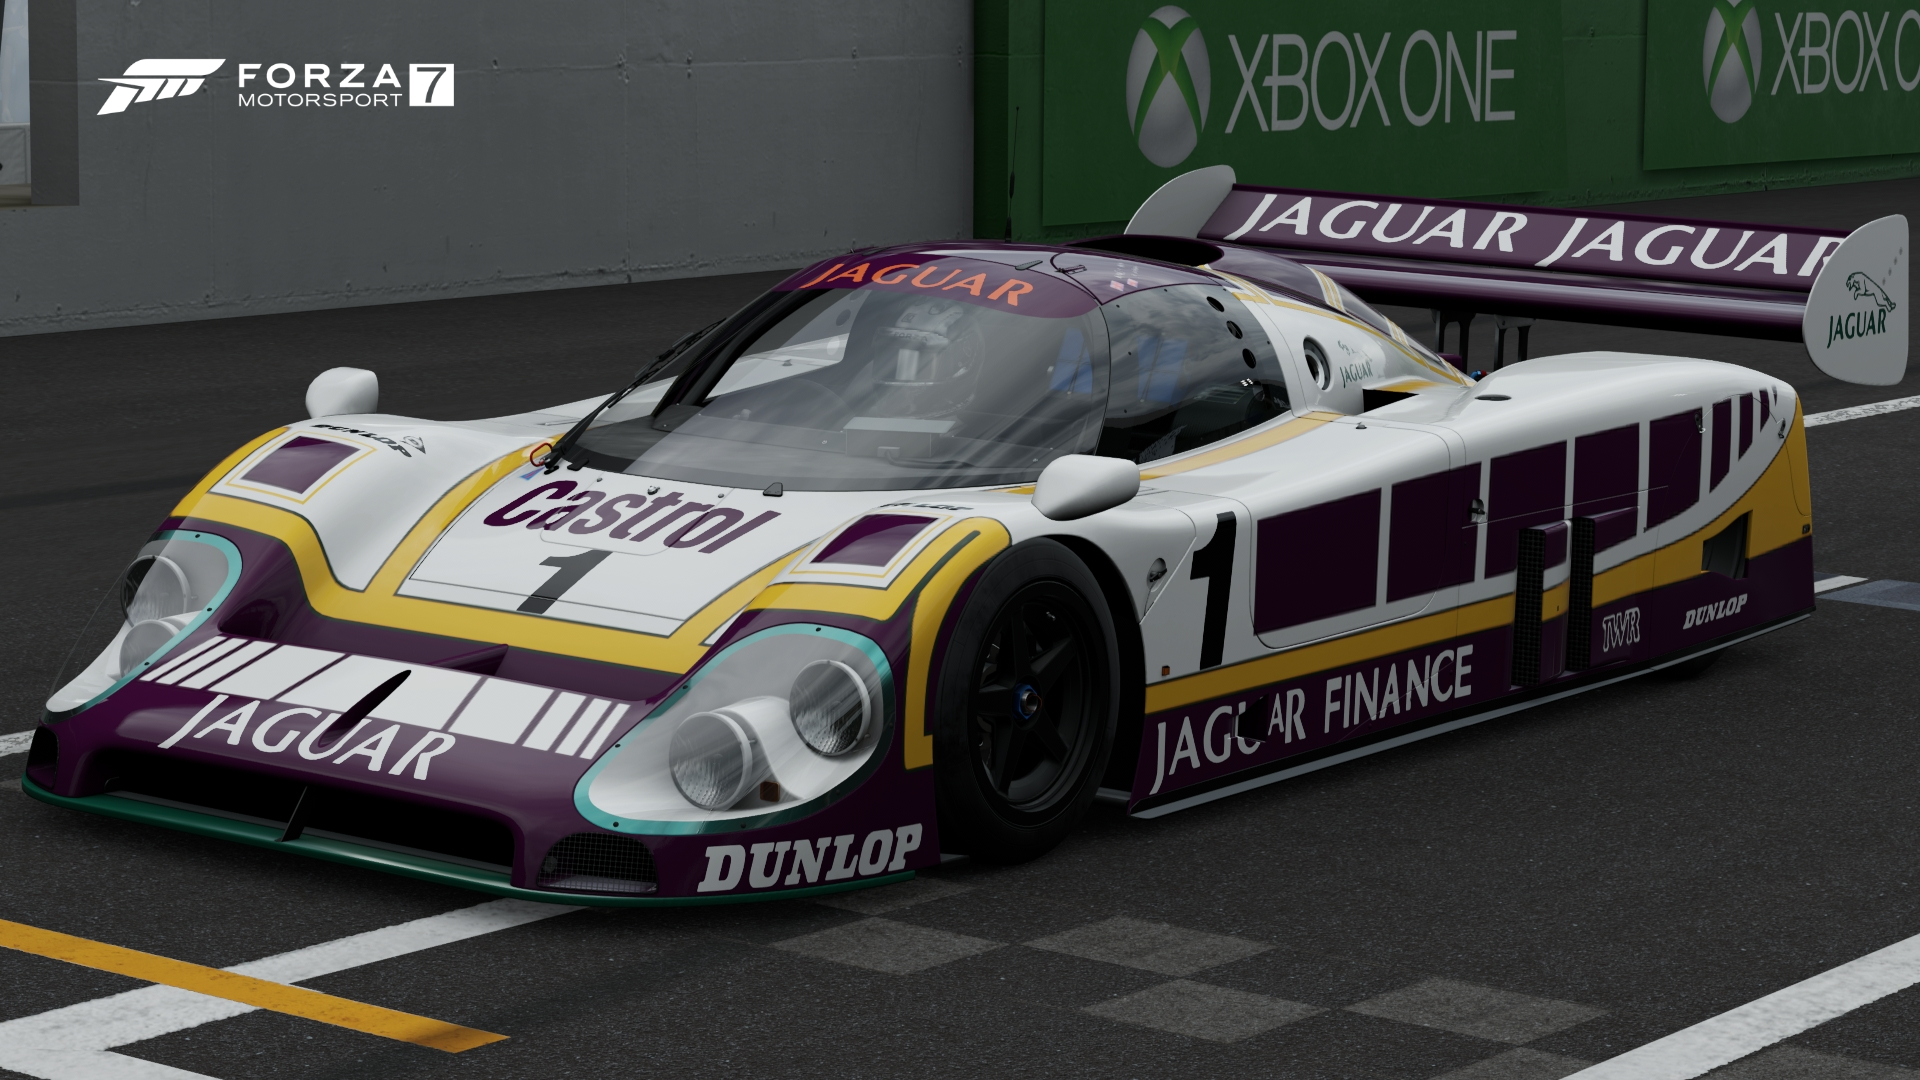 Jaguar XJR-9 | Forza Motorsport Wiki | FANDOM powered by Wikia